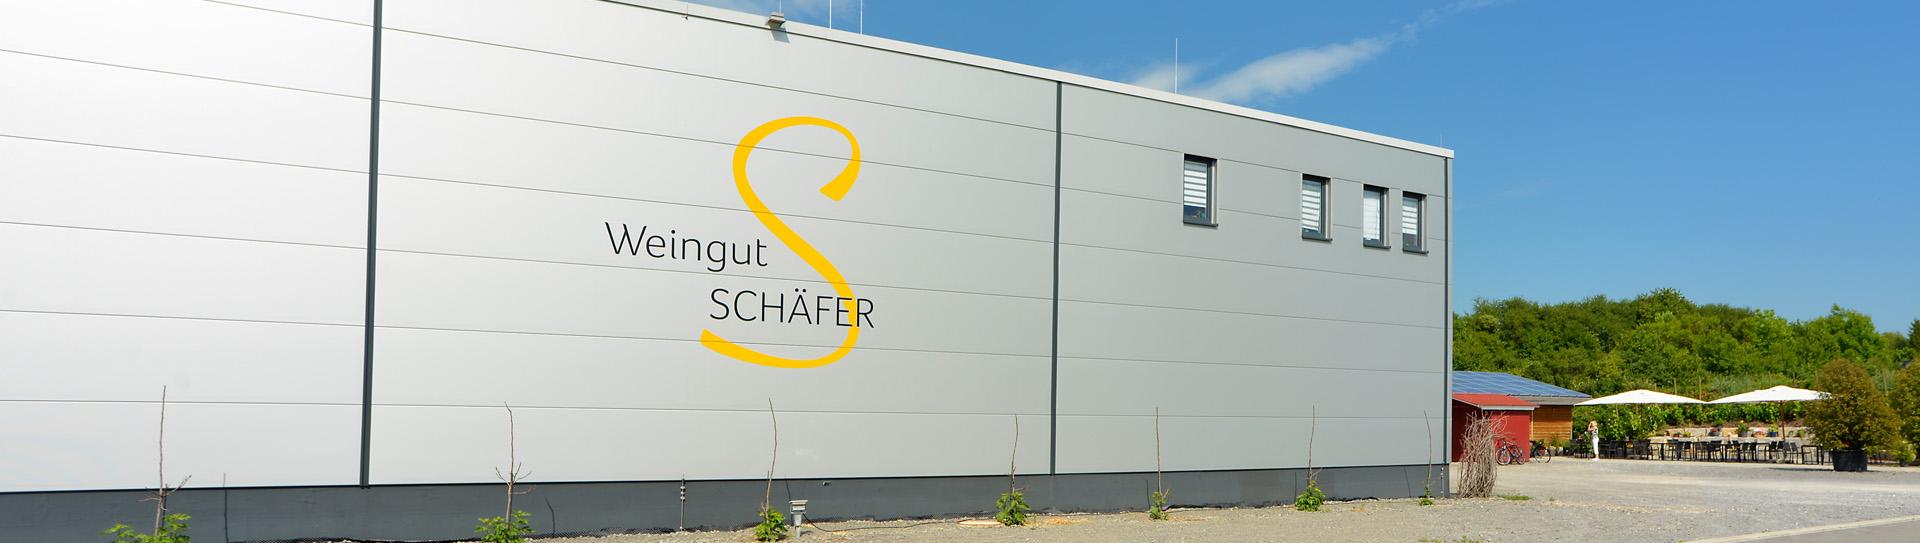 Weingut Schäfer Walzbachtal